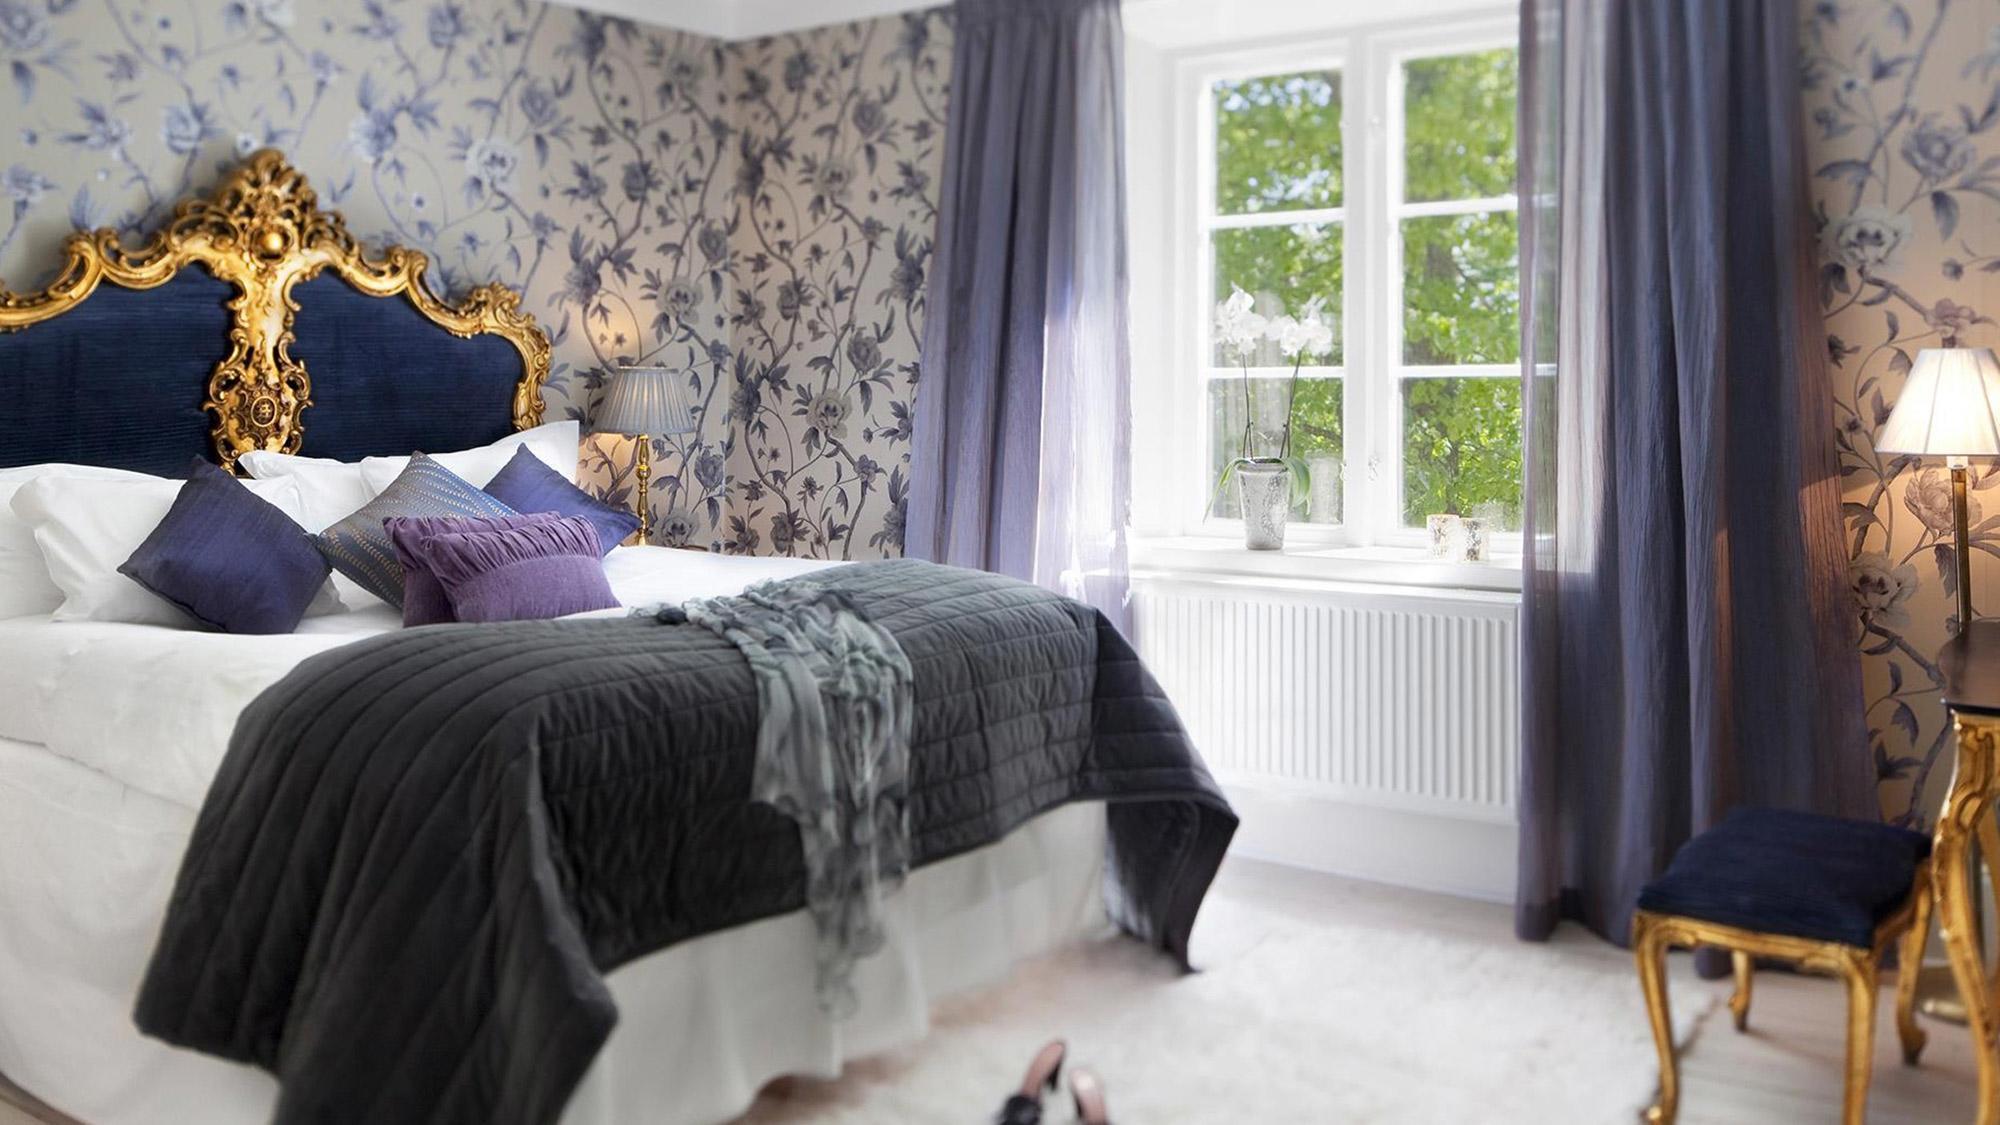 gorvalns-slott-family-room.jpg